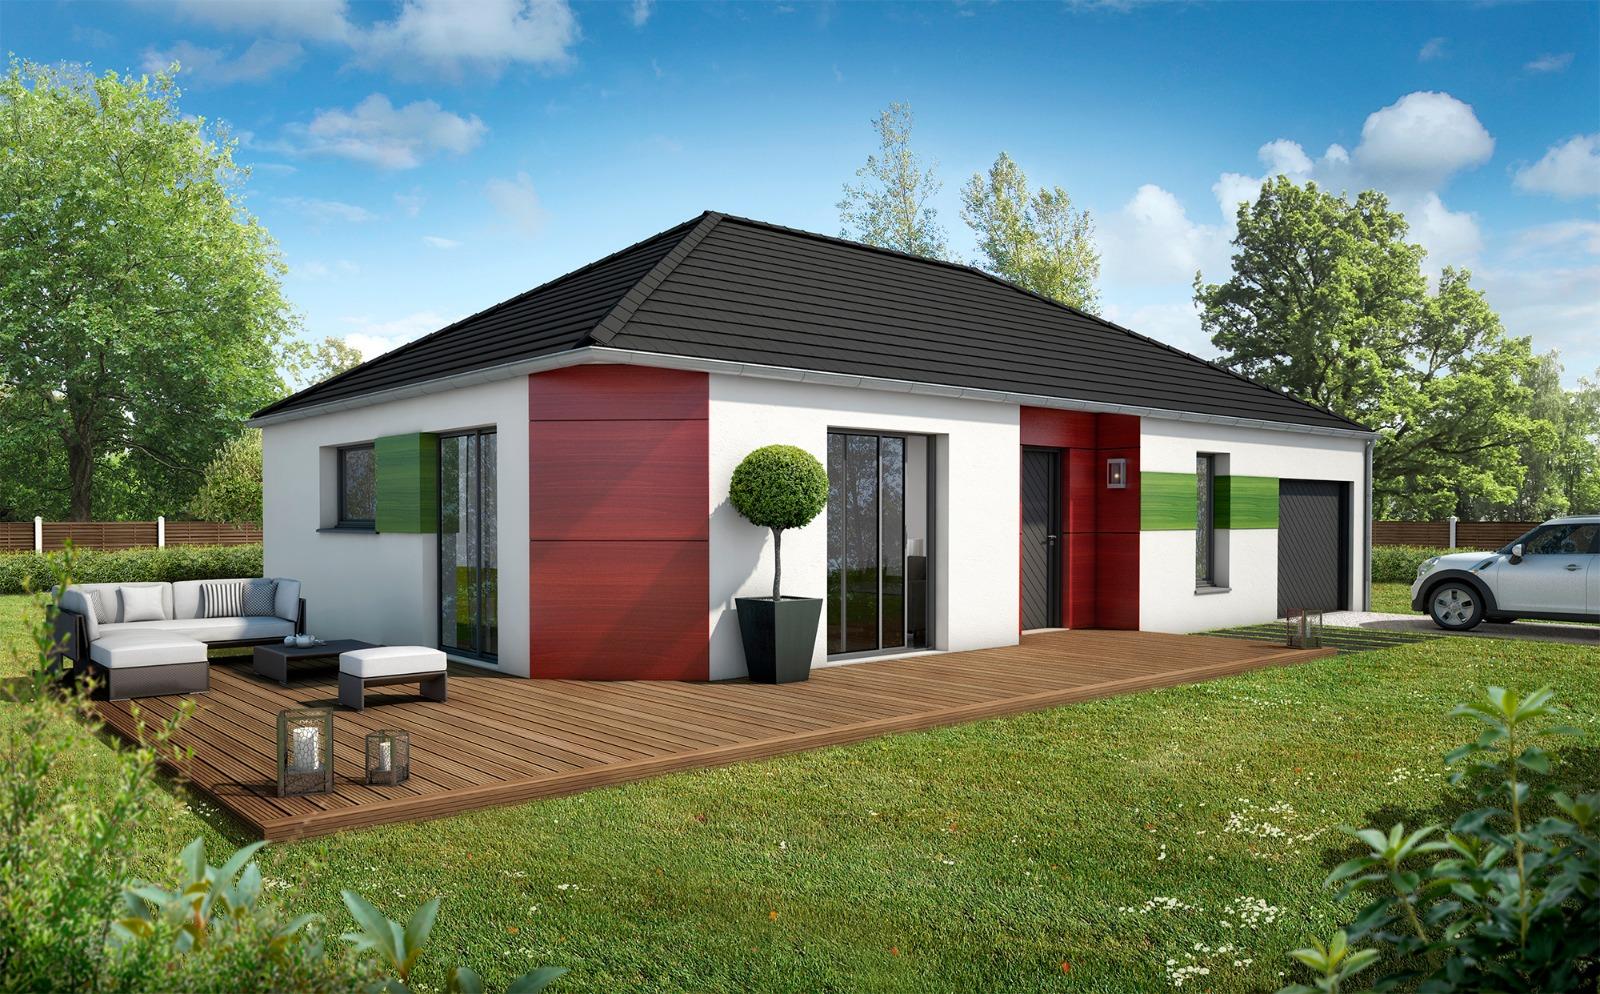 Maison 80 m2 - Villethierry  - Compagnons Constructeurs